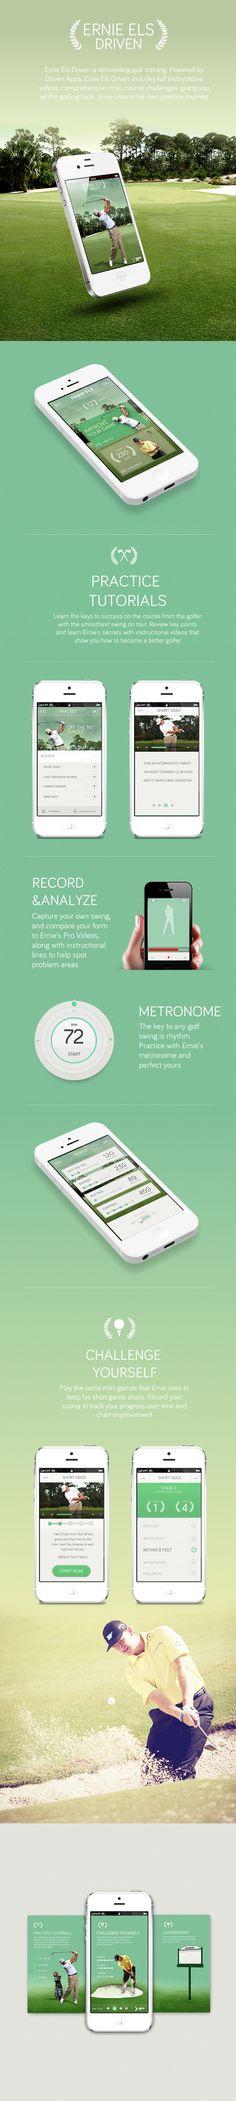 Une application pour entraîner ses talents de golfeurs. On est séduit par la beauté et la simplicité du design de l'interface.